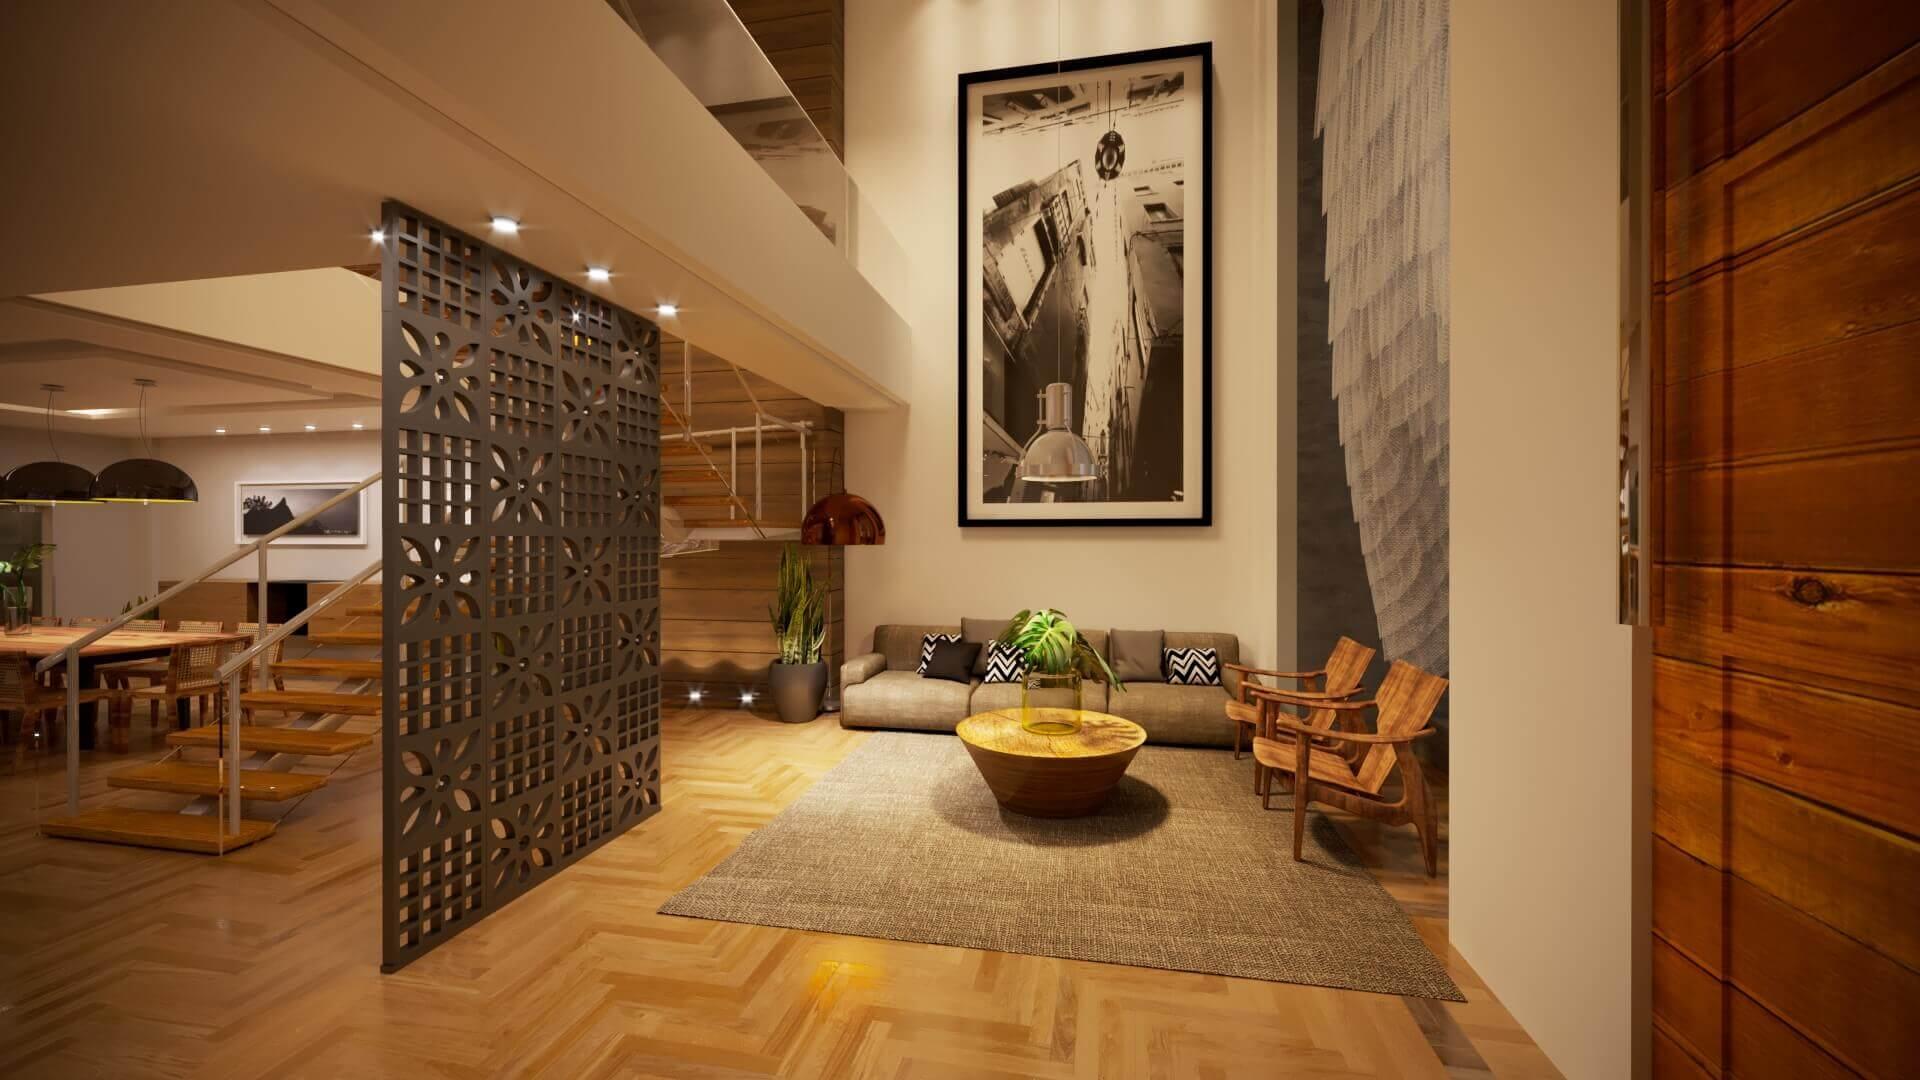 Projeto Interior Contemporaneo Pl Gelker Ribeiro Arquitetura